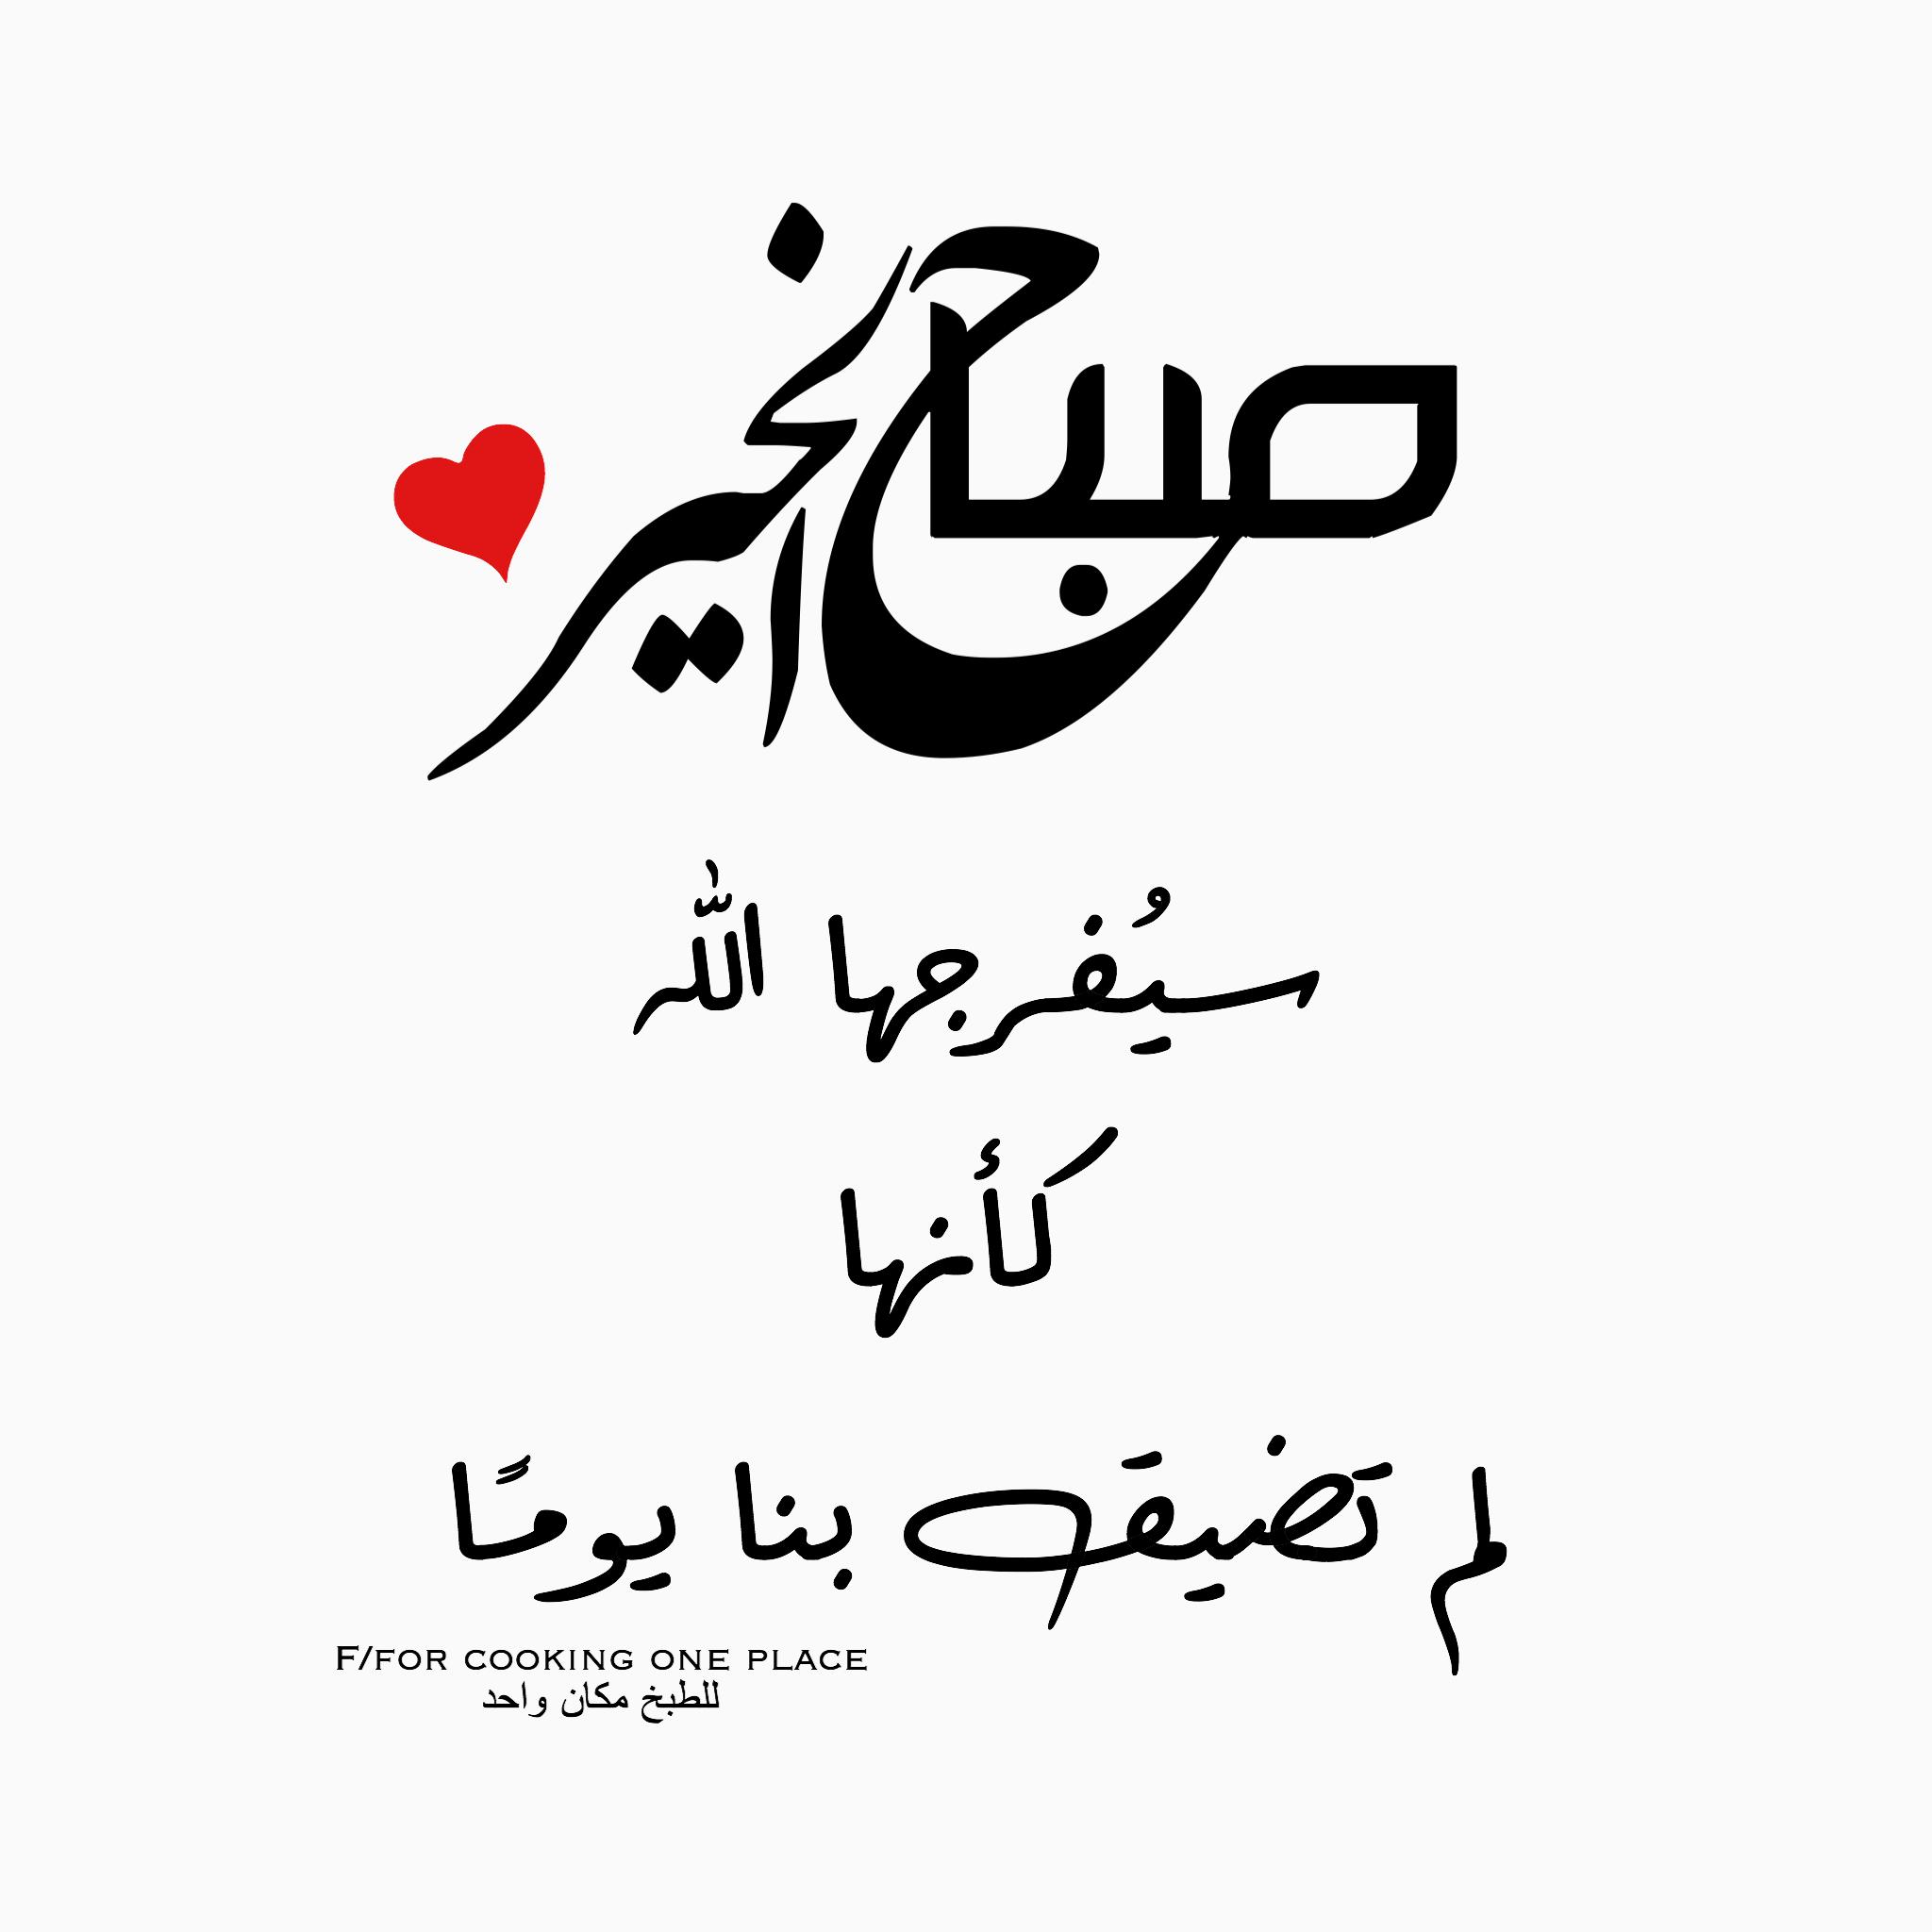 صباح الخير Good Morning